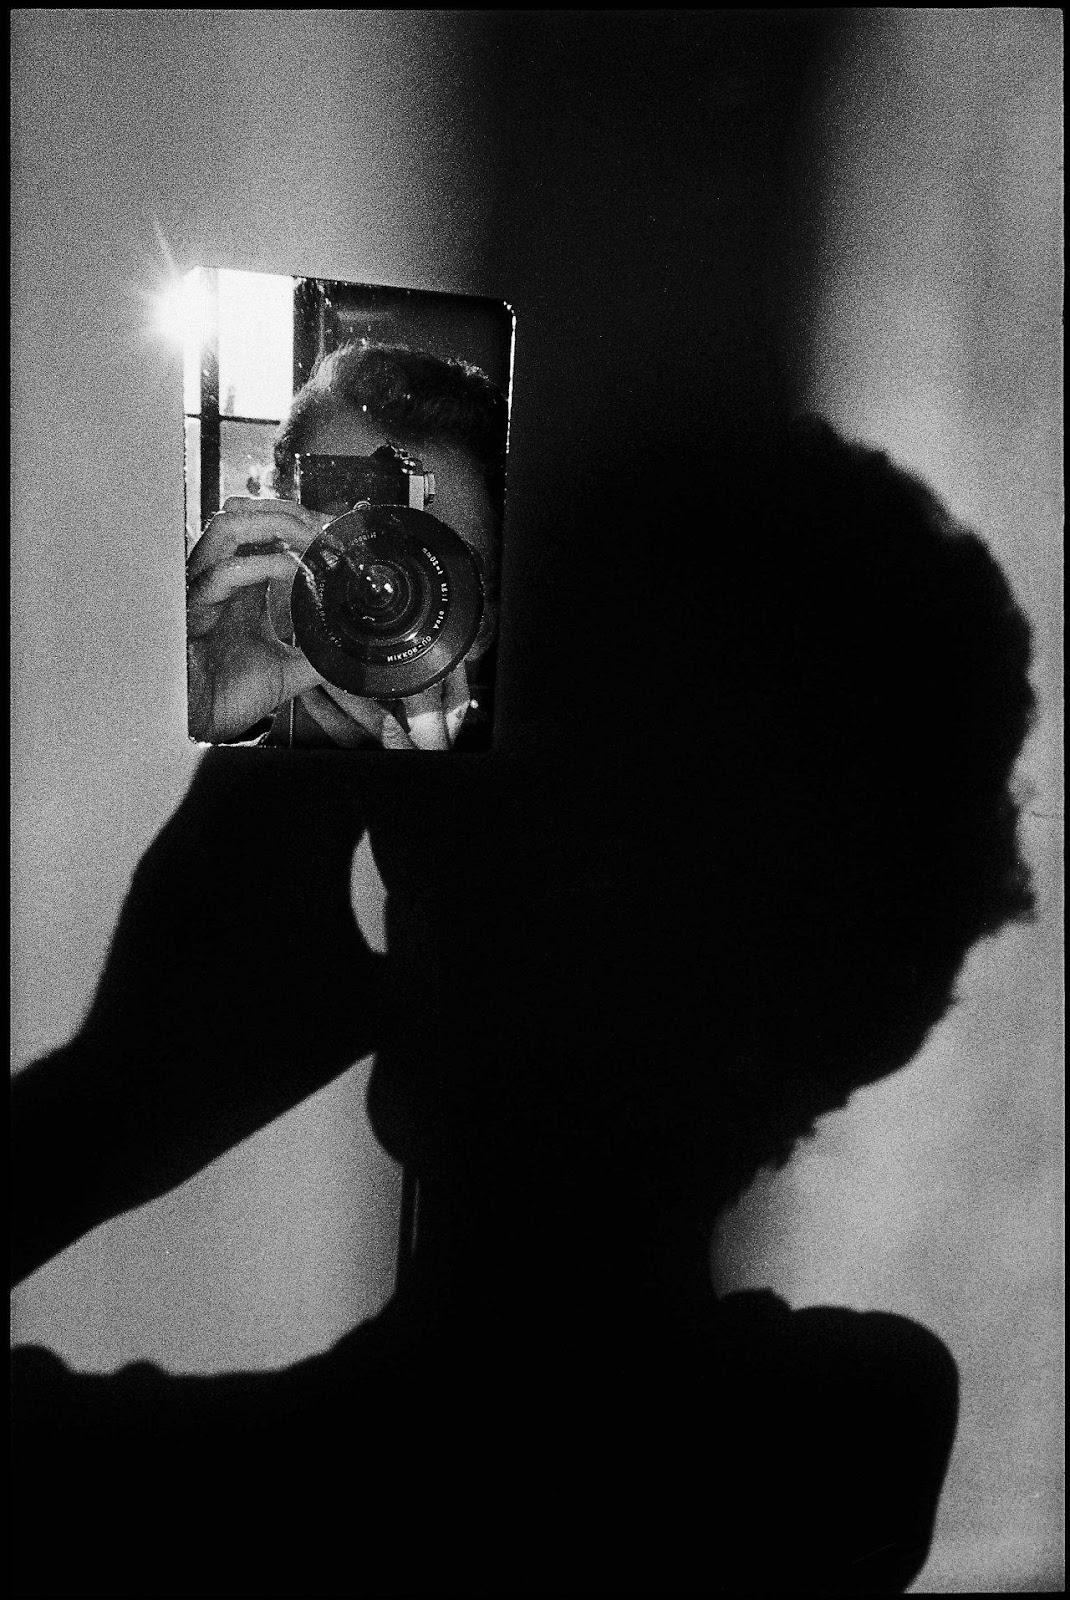 Ugo Mulas, L'operazione fotografica. Autoritratto per Lee Friedlander, da Le Verifiche.